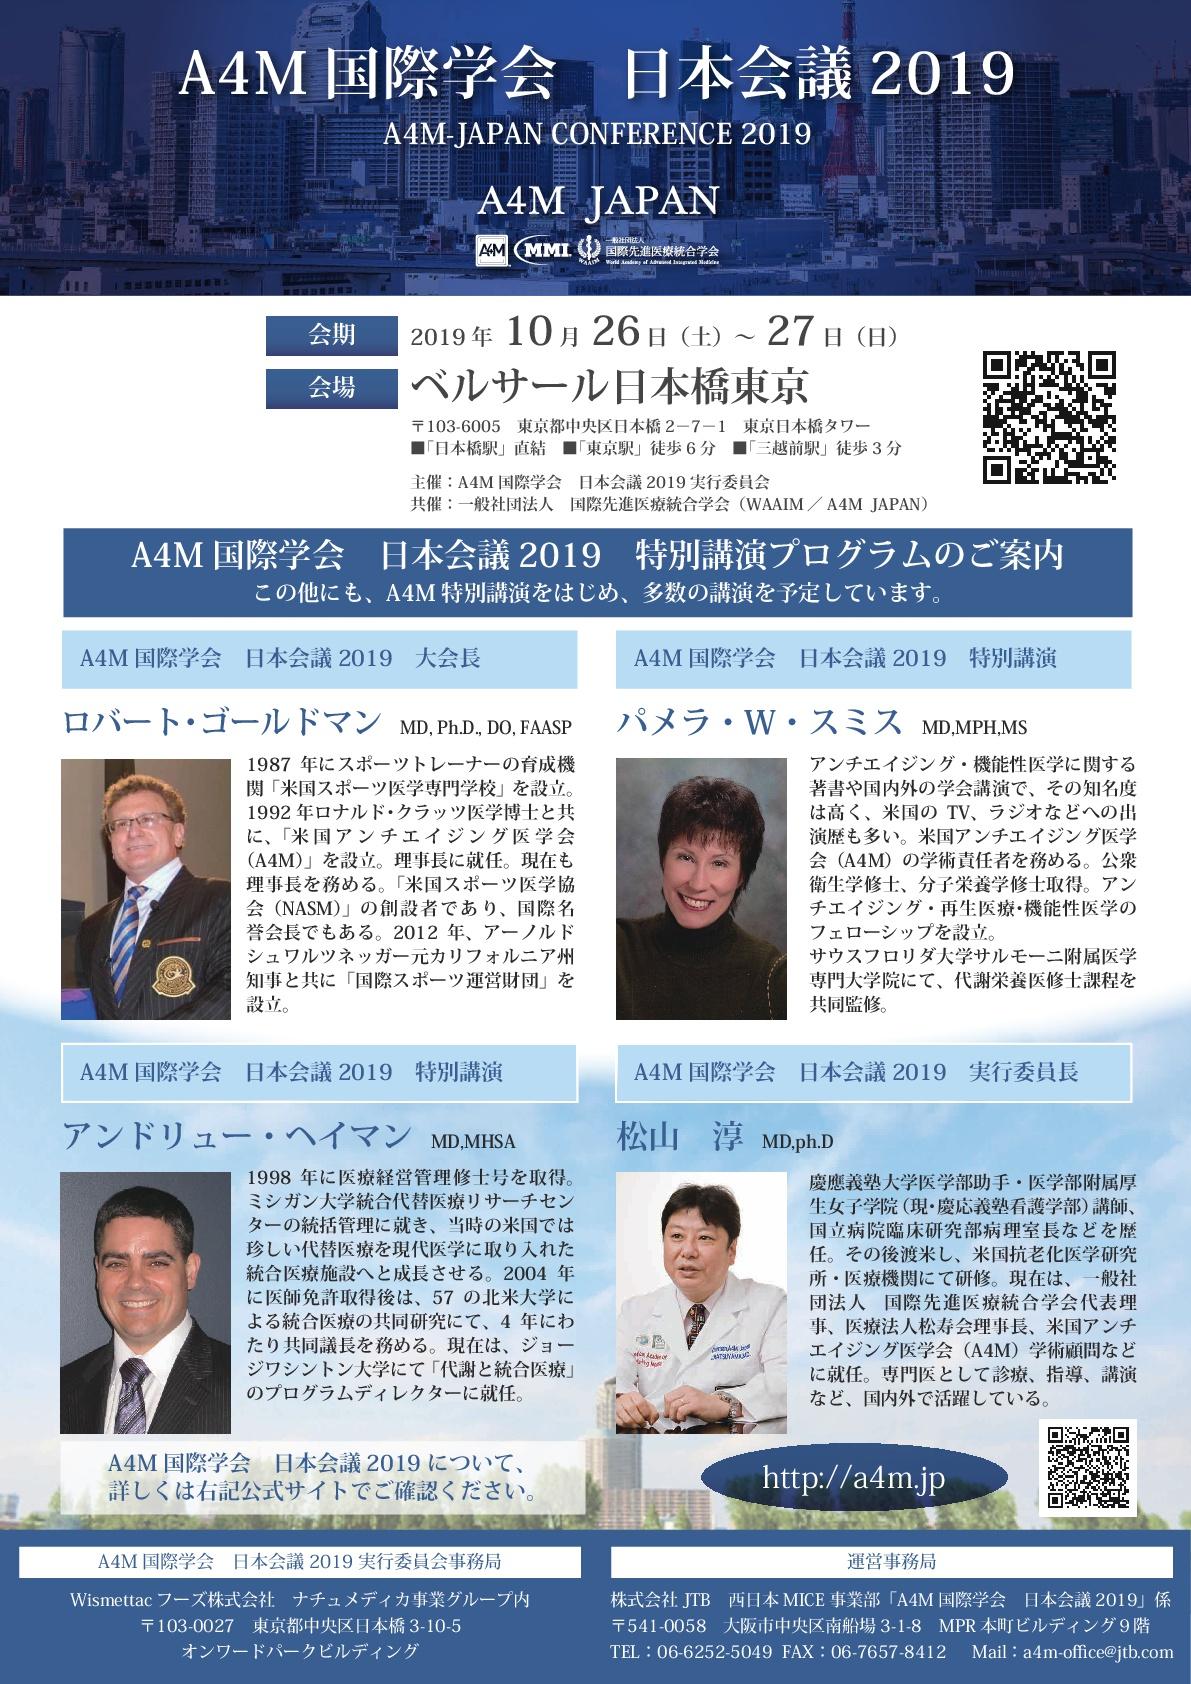 当学会が共催する「A4M国際学会 日本会議2019」の開催概要が決定しました!